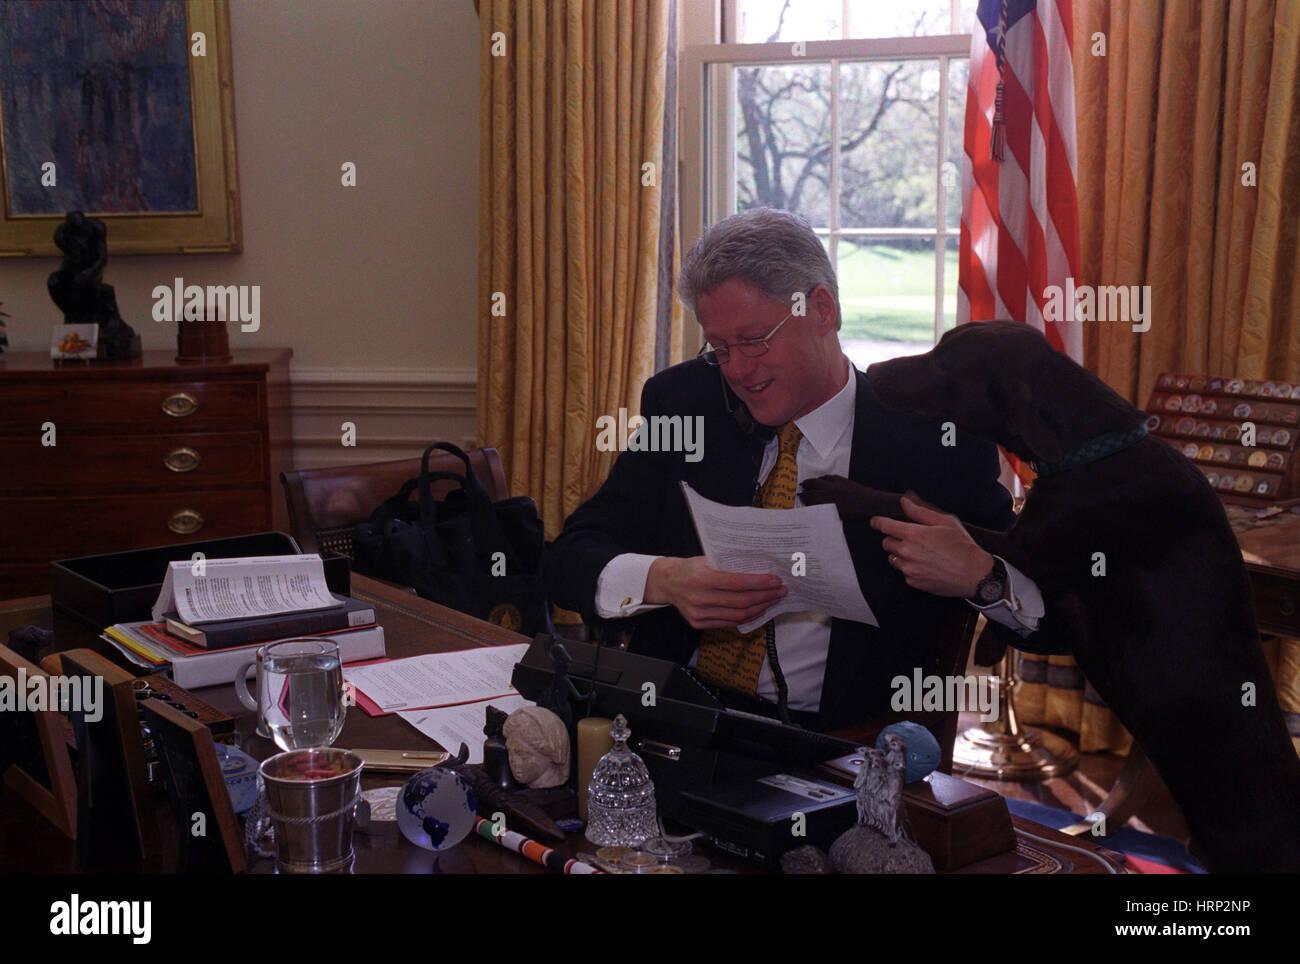 Präsident Clinton mit Buddy, 1998 Stockbild